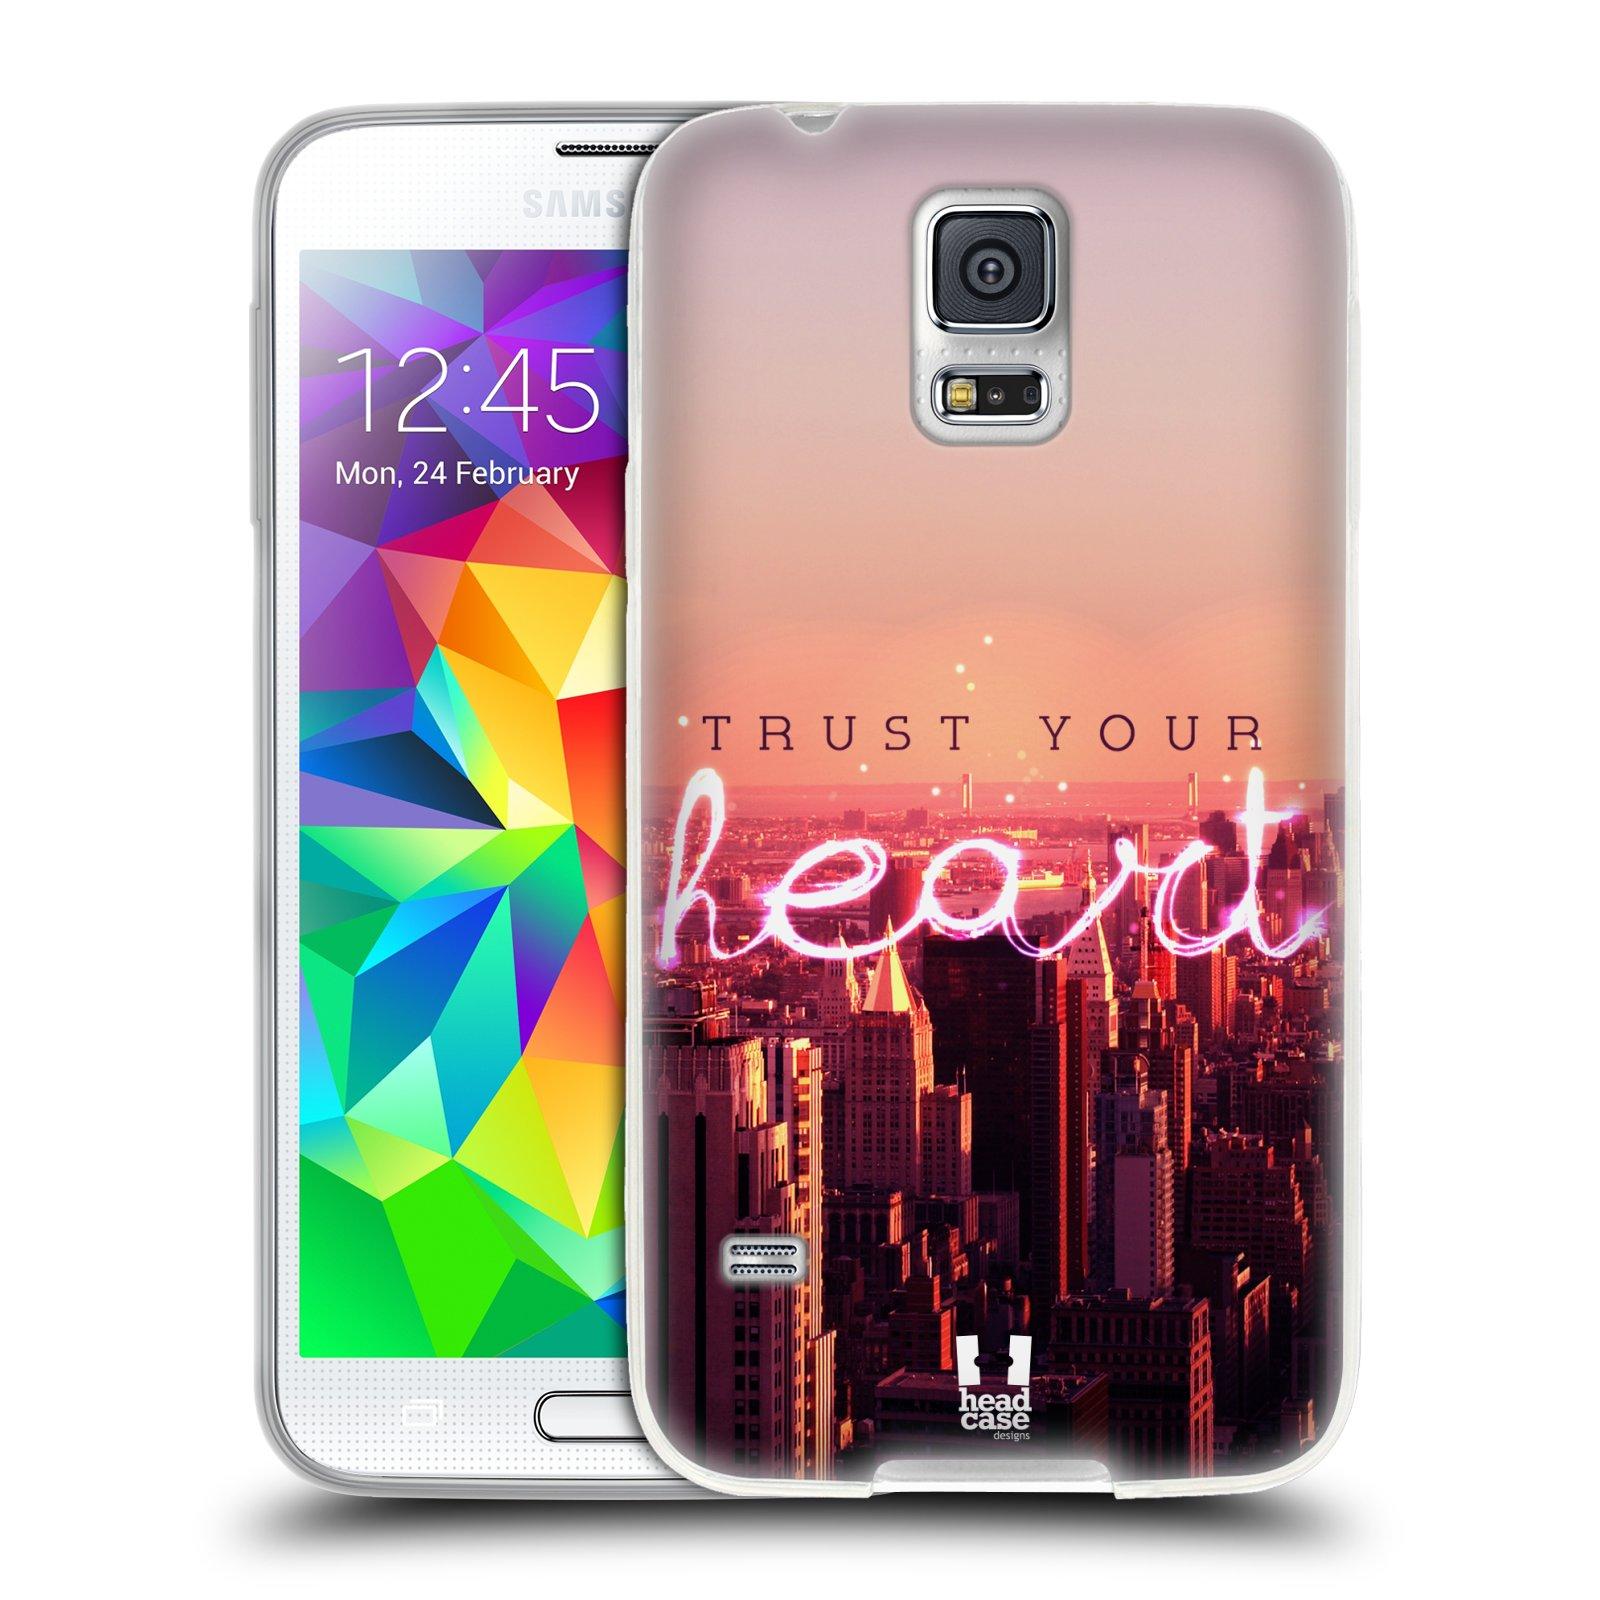 Silikonové pouzdro na mobil Samsung Galaxy S5 HEAD CASE TRUST YOUR HEART (Silikonový kryt či obal na mobilní telefon Samsung Galaxy S5 SM-G900F)